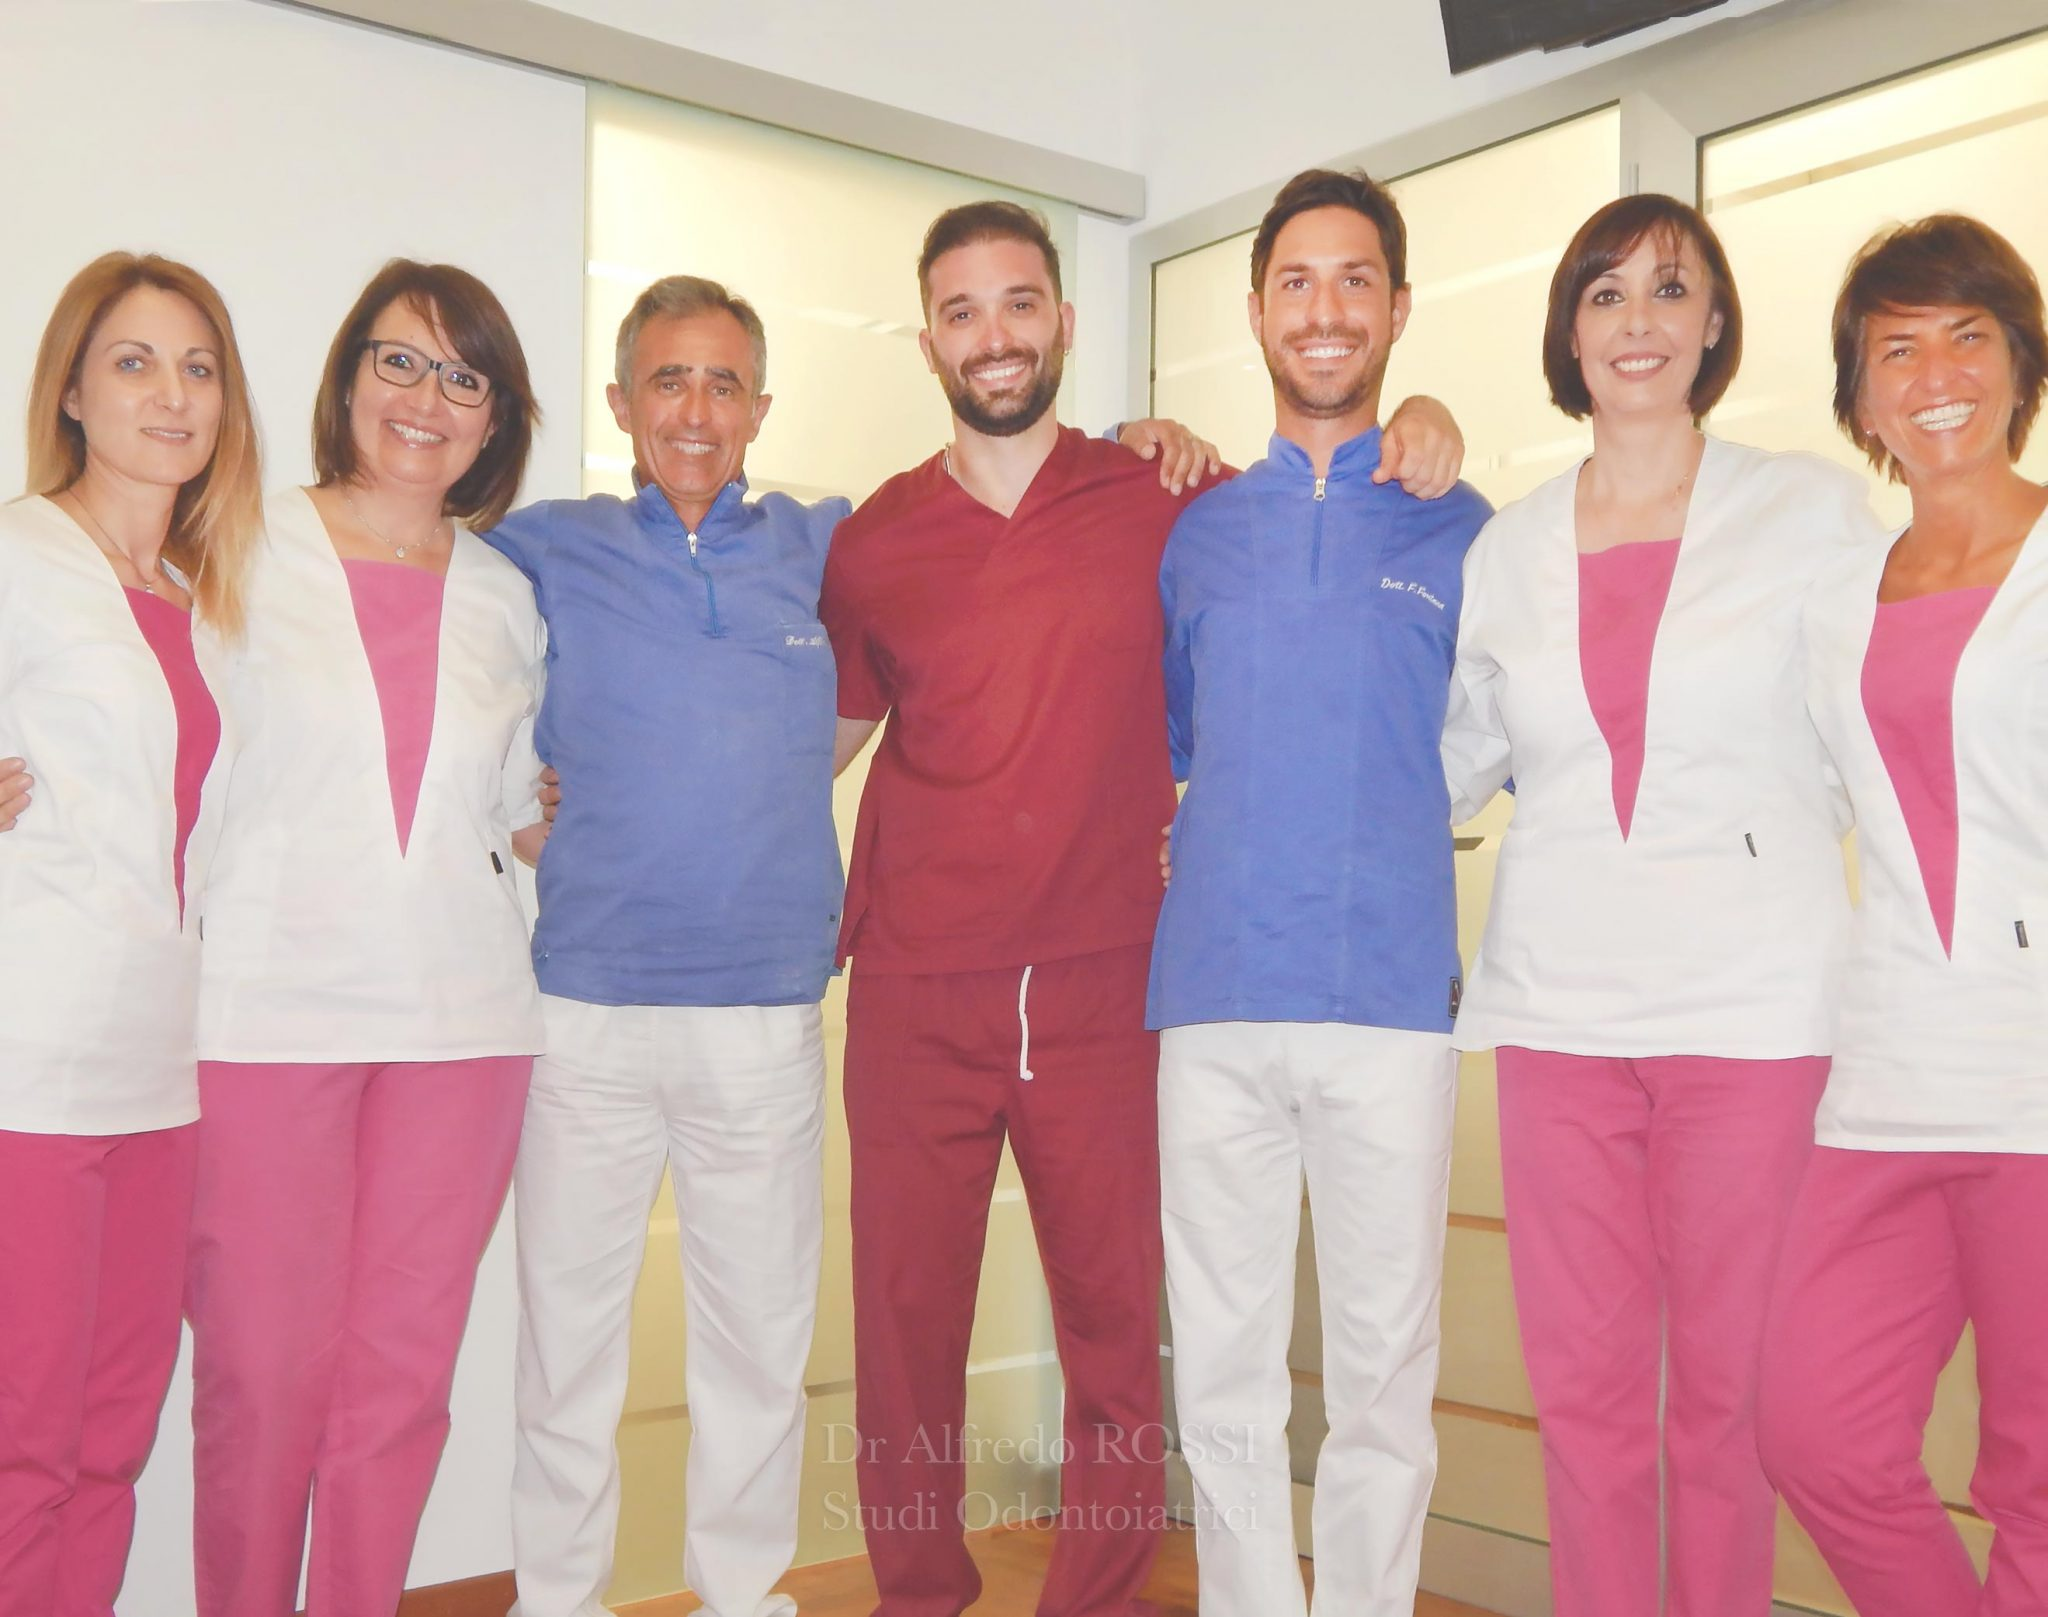 studi-odontoiatrici-dr-alfredo-rossi-team